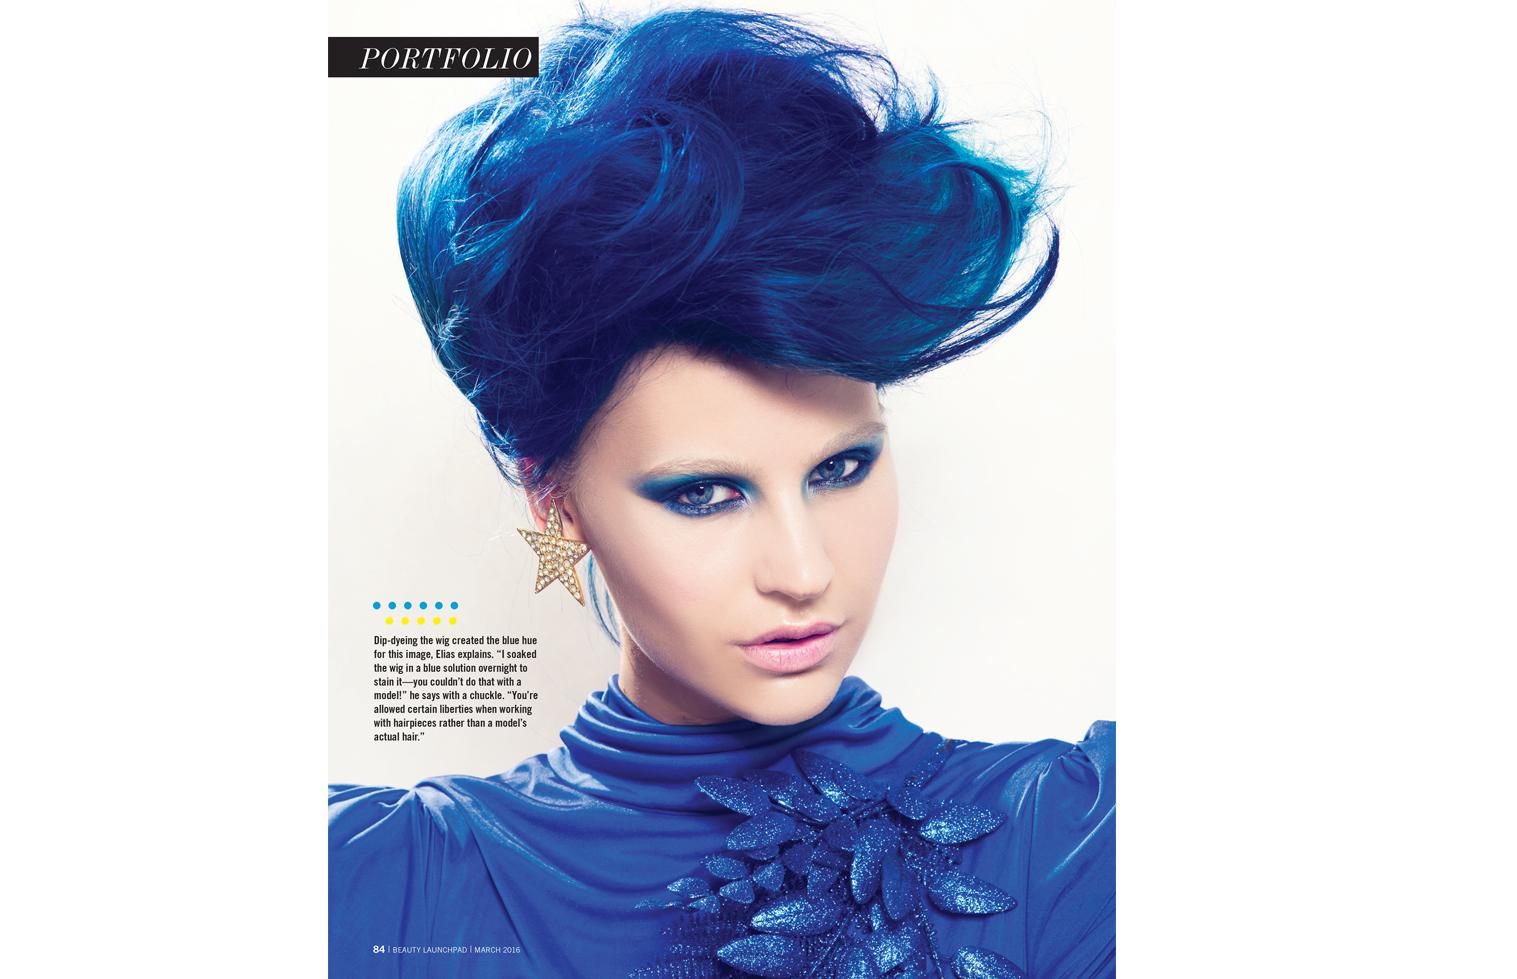 80sbeauty-web2.jpg